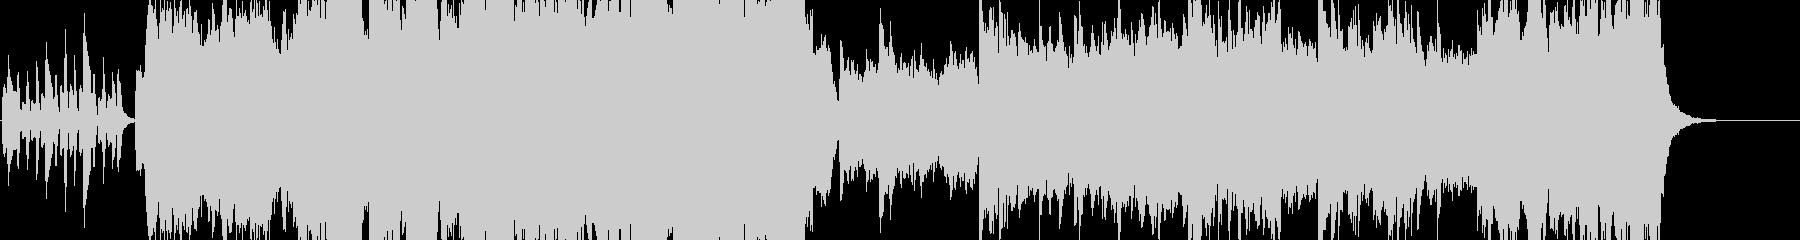 ピアノ協奏曲_感動的なシーンにの未再生の波形